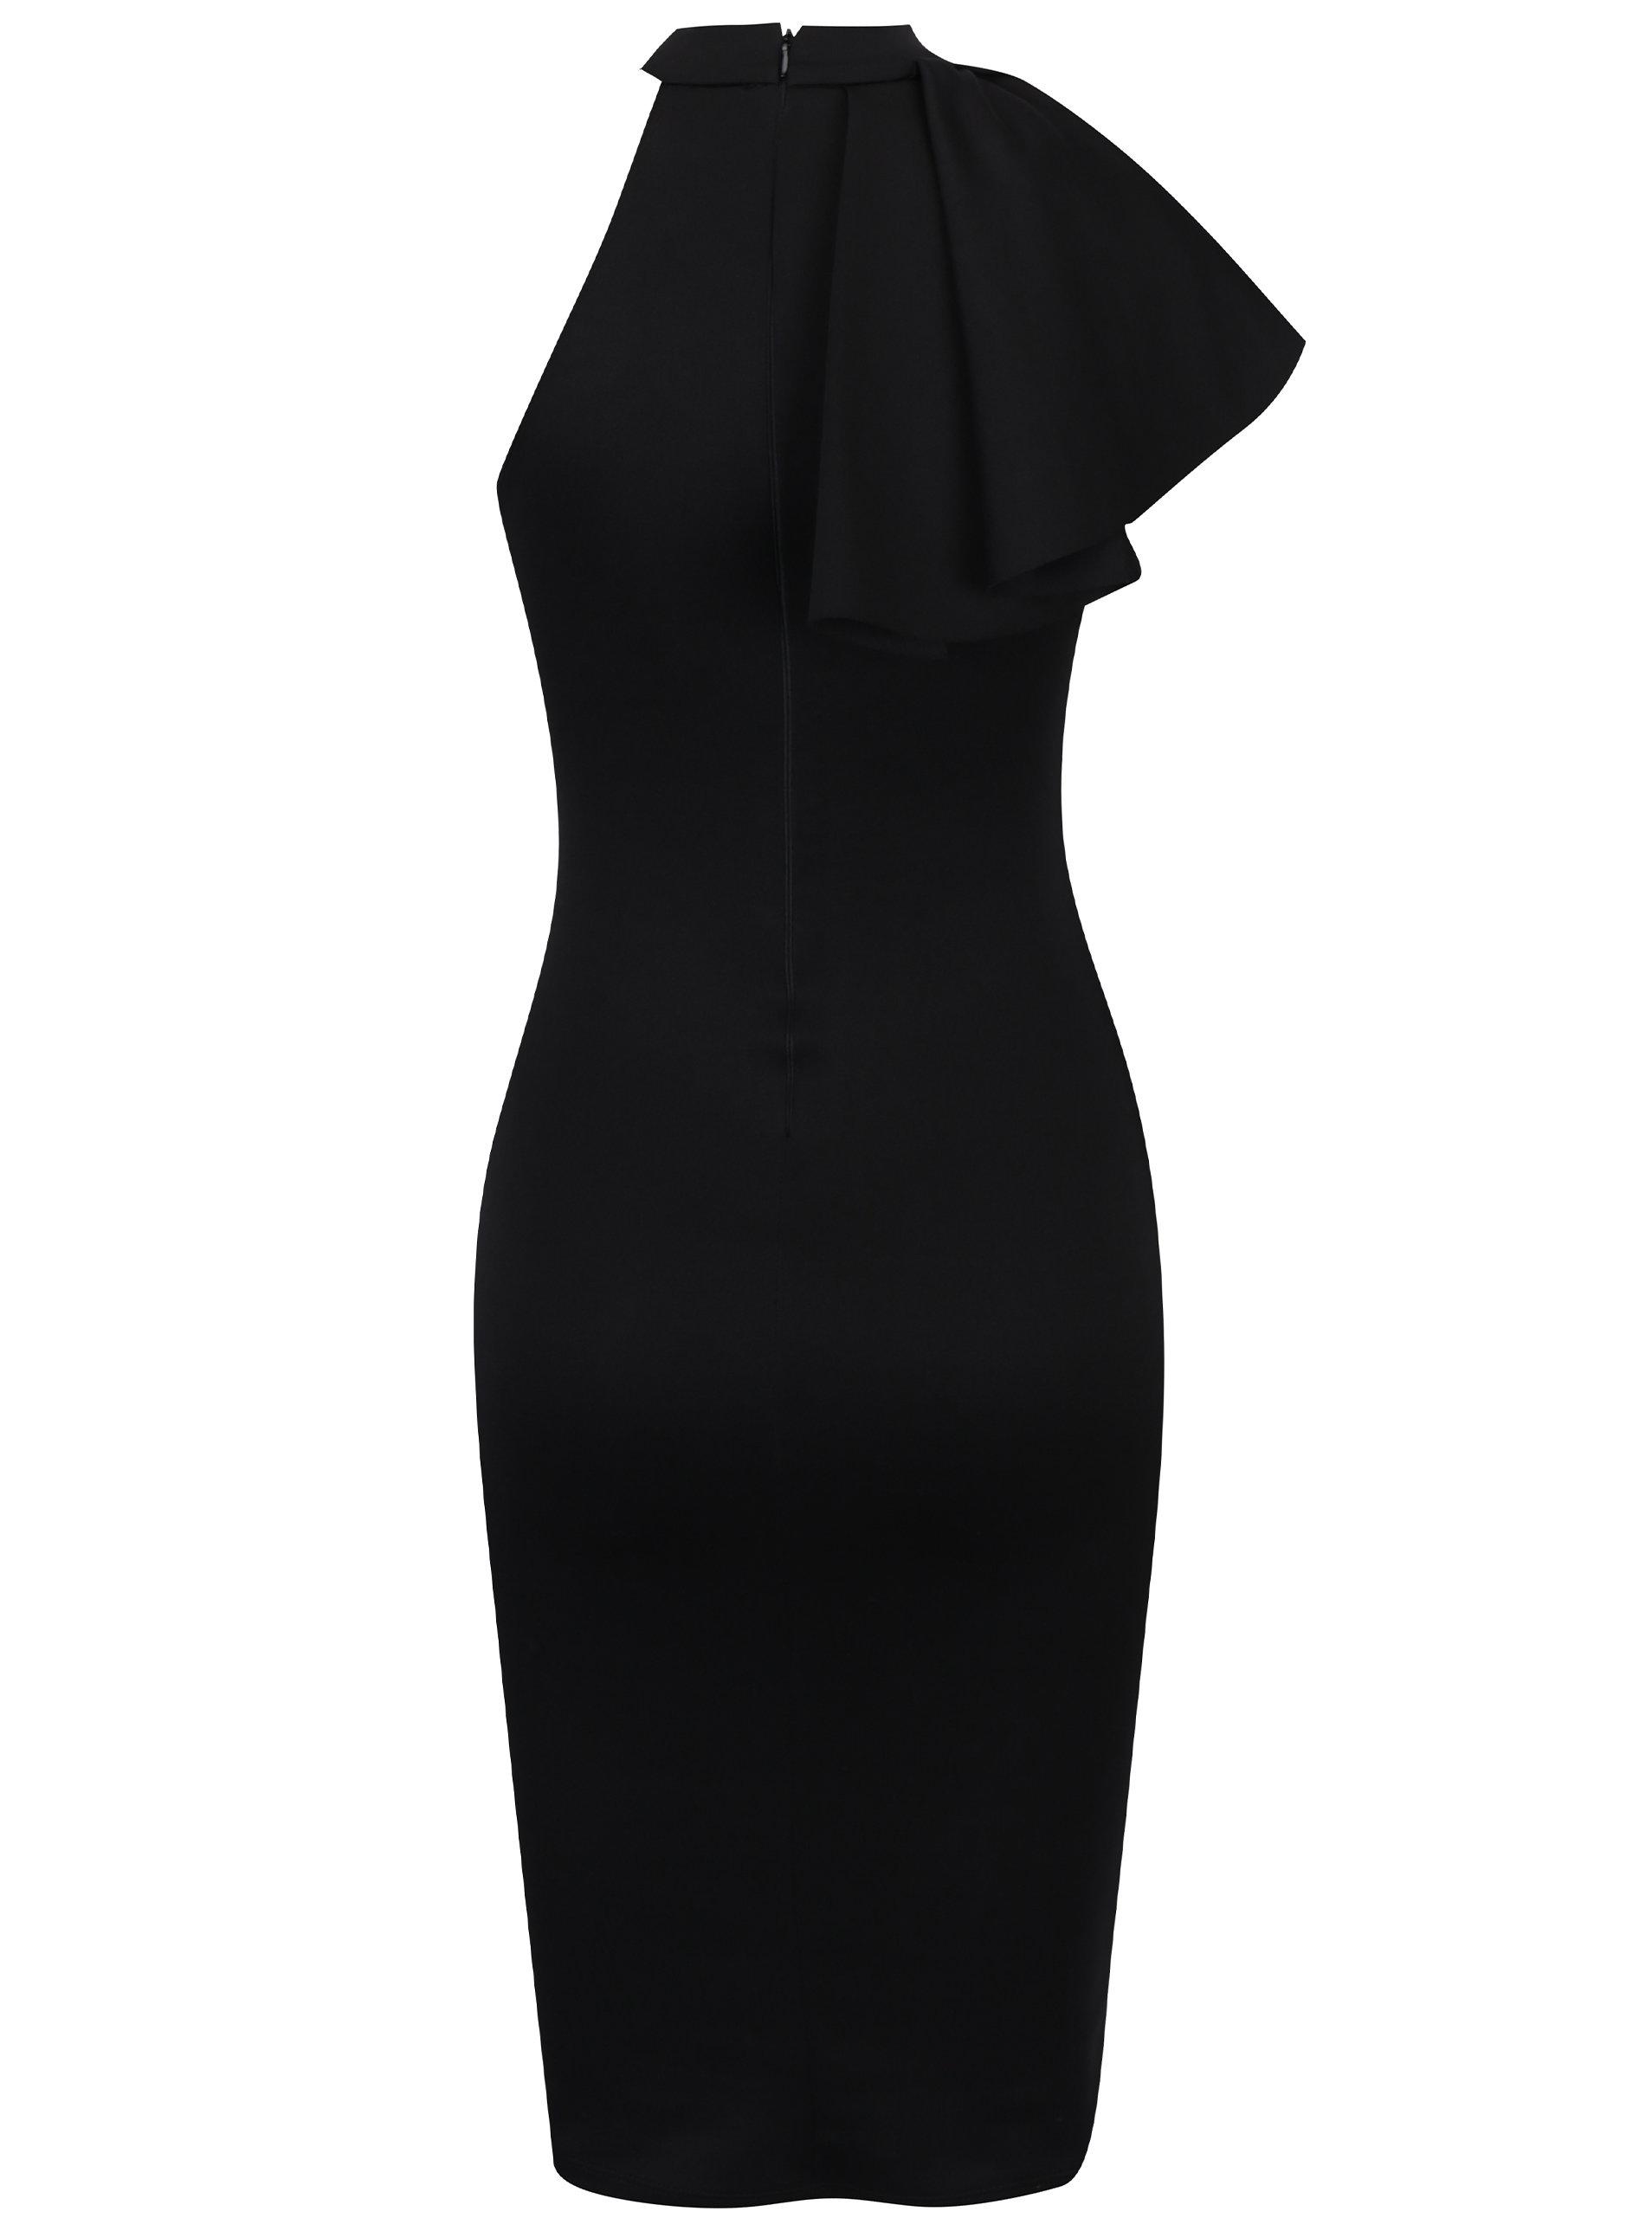 Černé pouzdrové šaty s volánem ZOOT ... 74f9673742